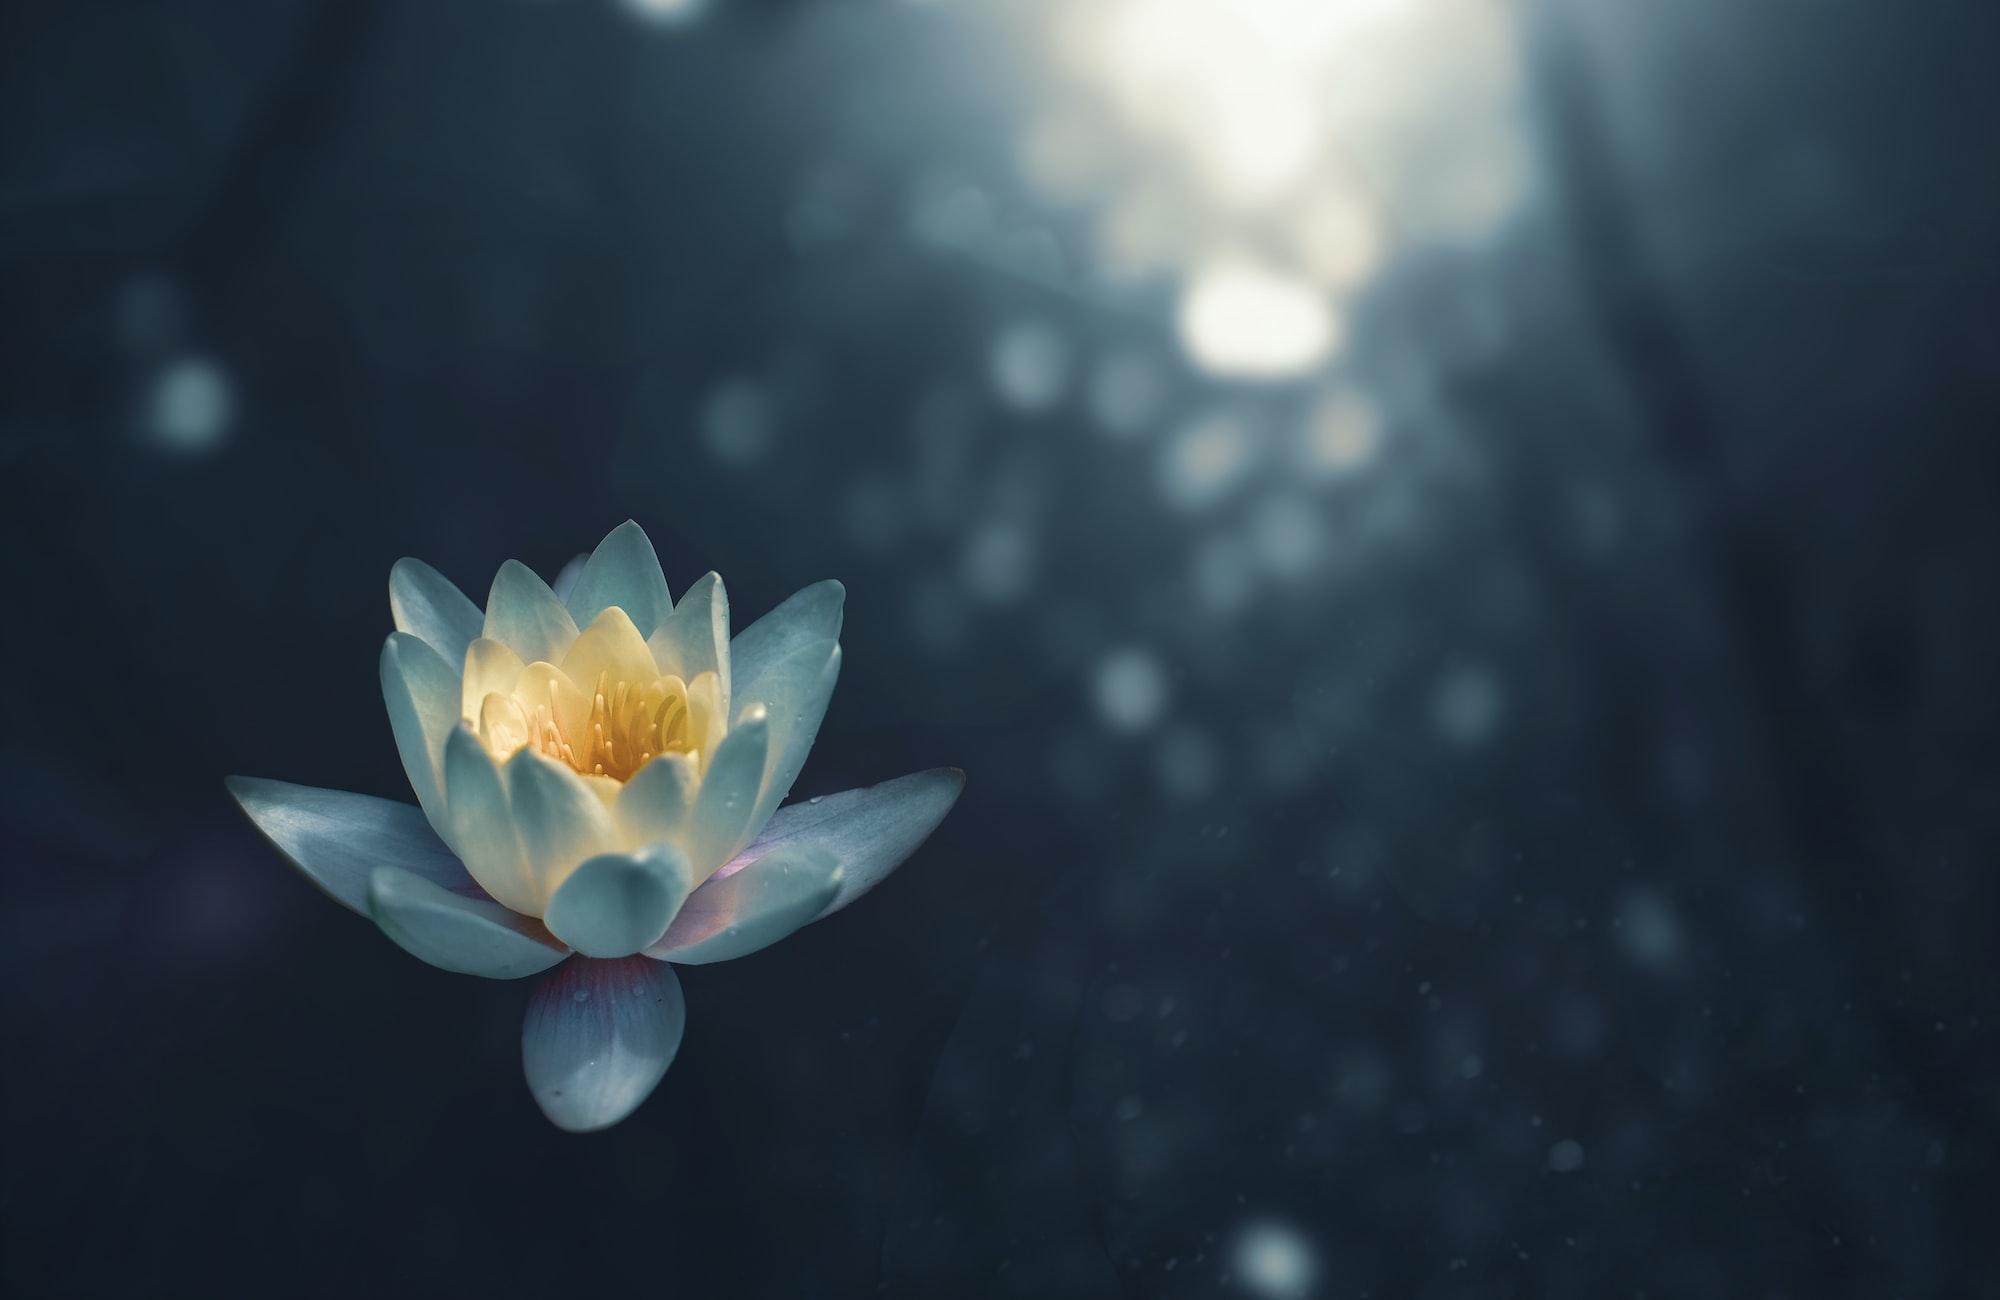 ¿Sabes que Meditar es Bueno Pero Te Aburre Hacerlo? Prueba ESTO